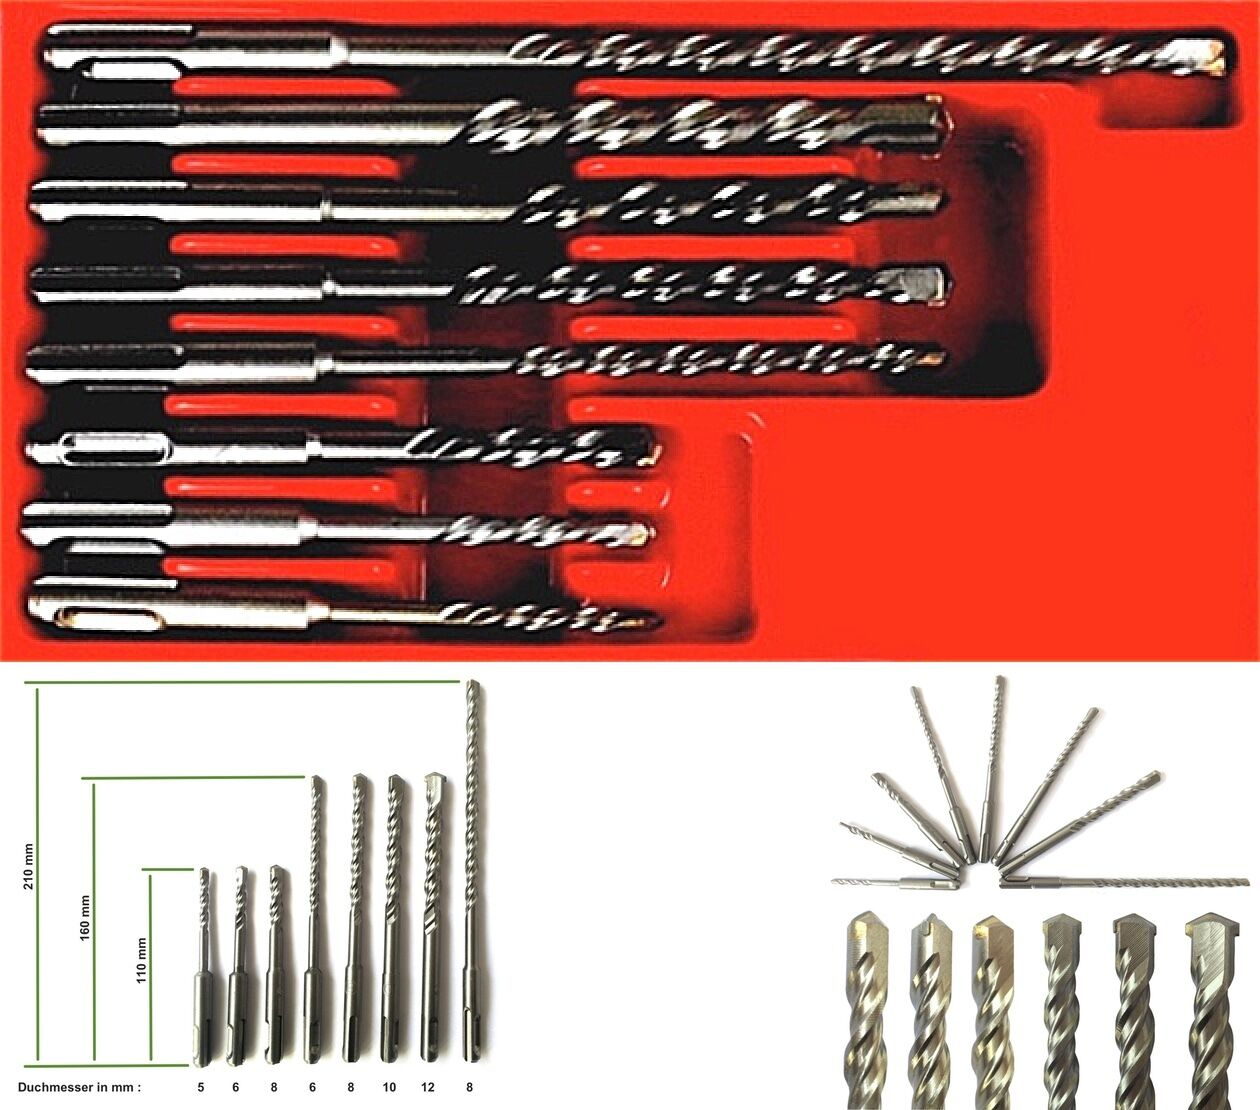 11-tlg Steinbohrer SDS-Plus Set Hammerbohrer Bohrhammer Betonbohrer Bohrer NEU